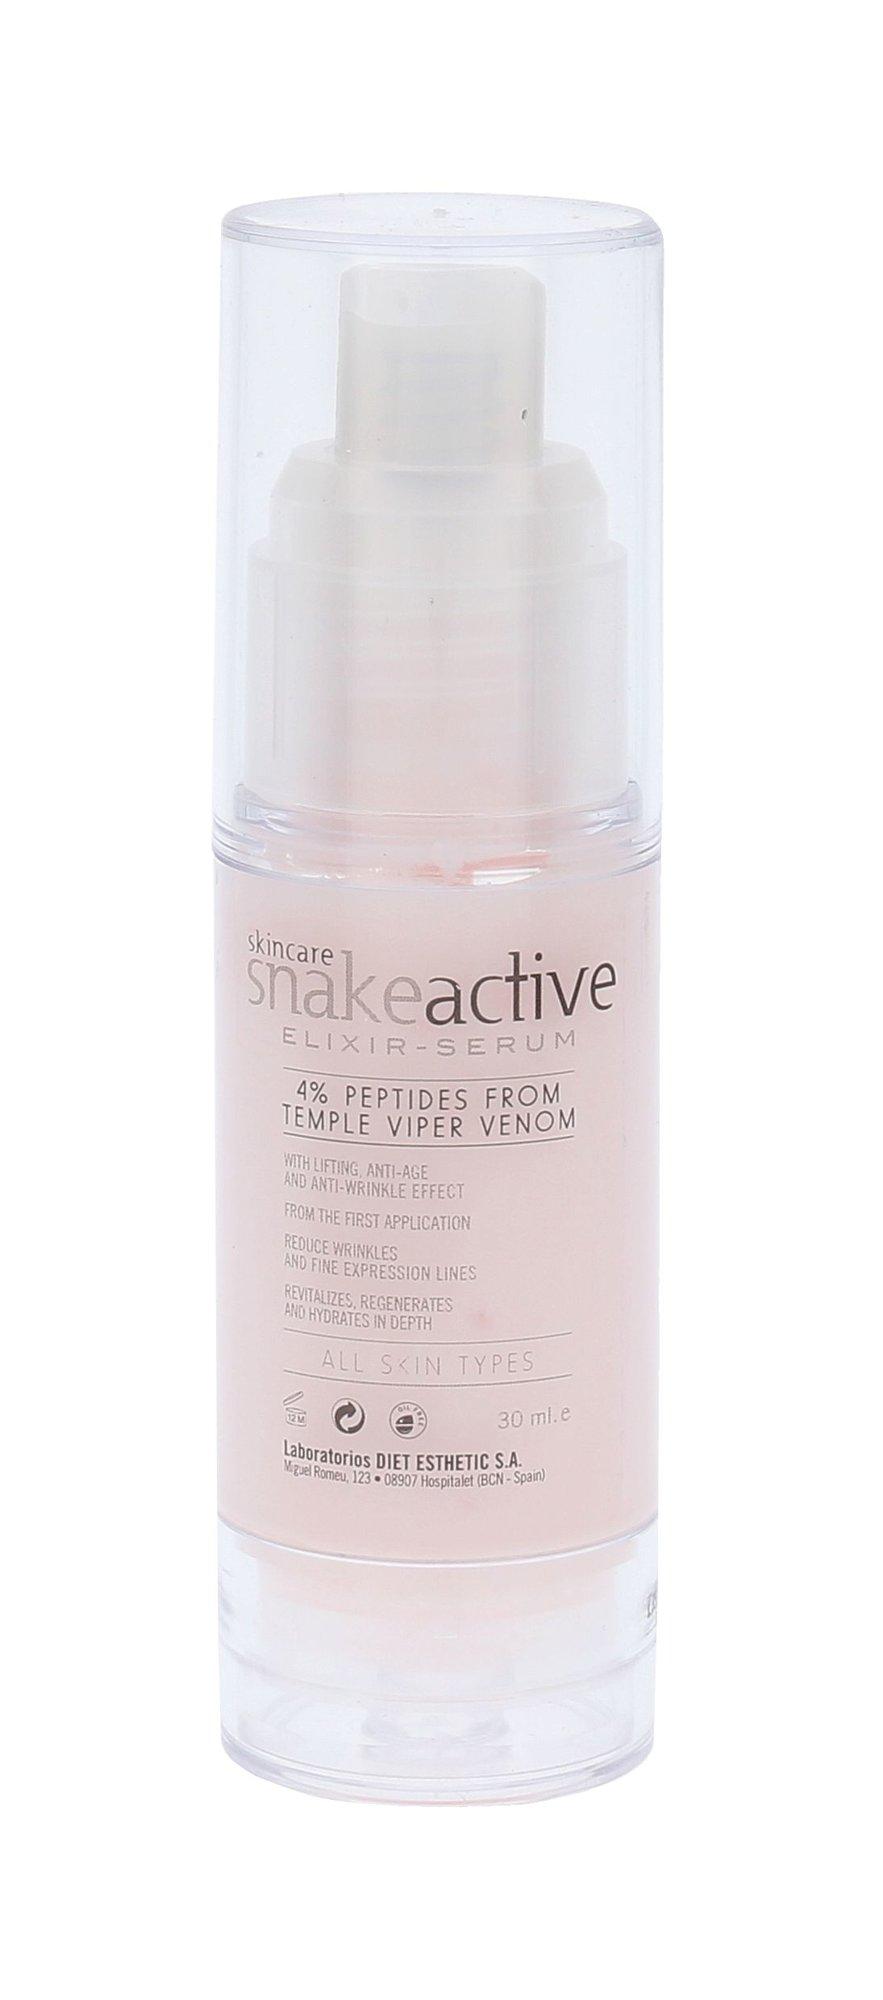 Diet Esthetic Snakeactive Elixir Serum